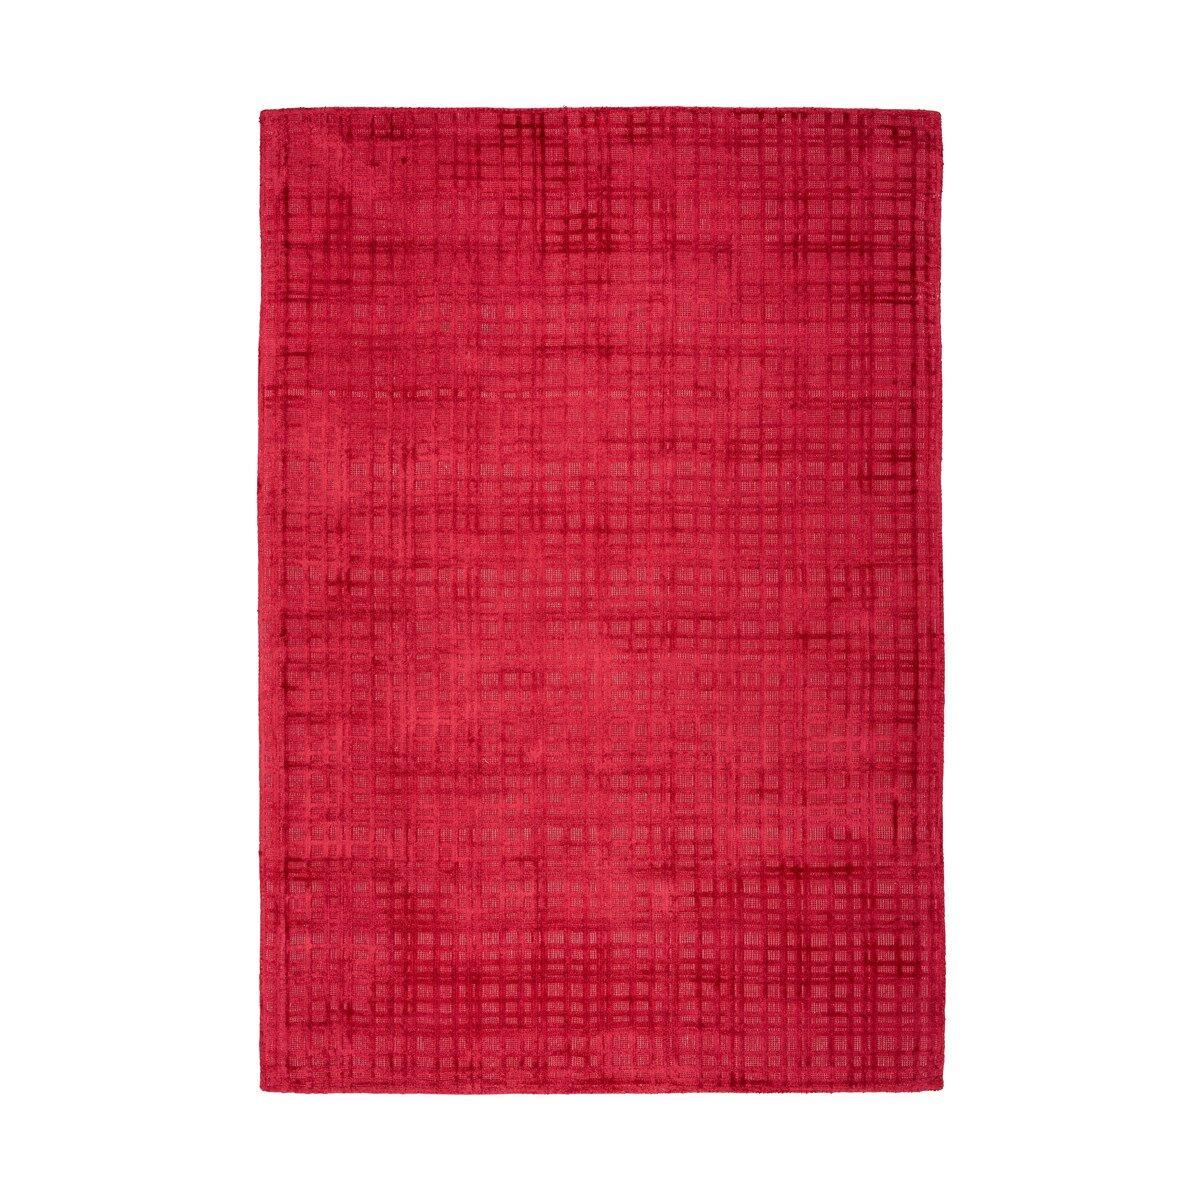 Novatrend Tapis moderne fait main en Viscose Rouge cerise 200x290 cm